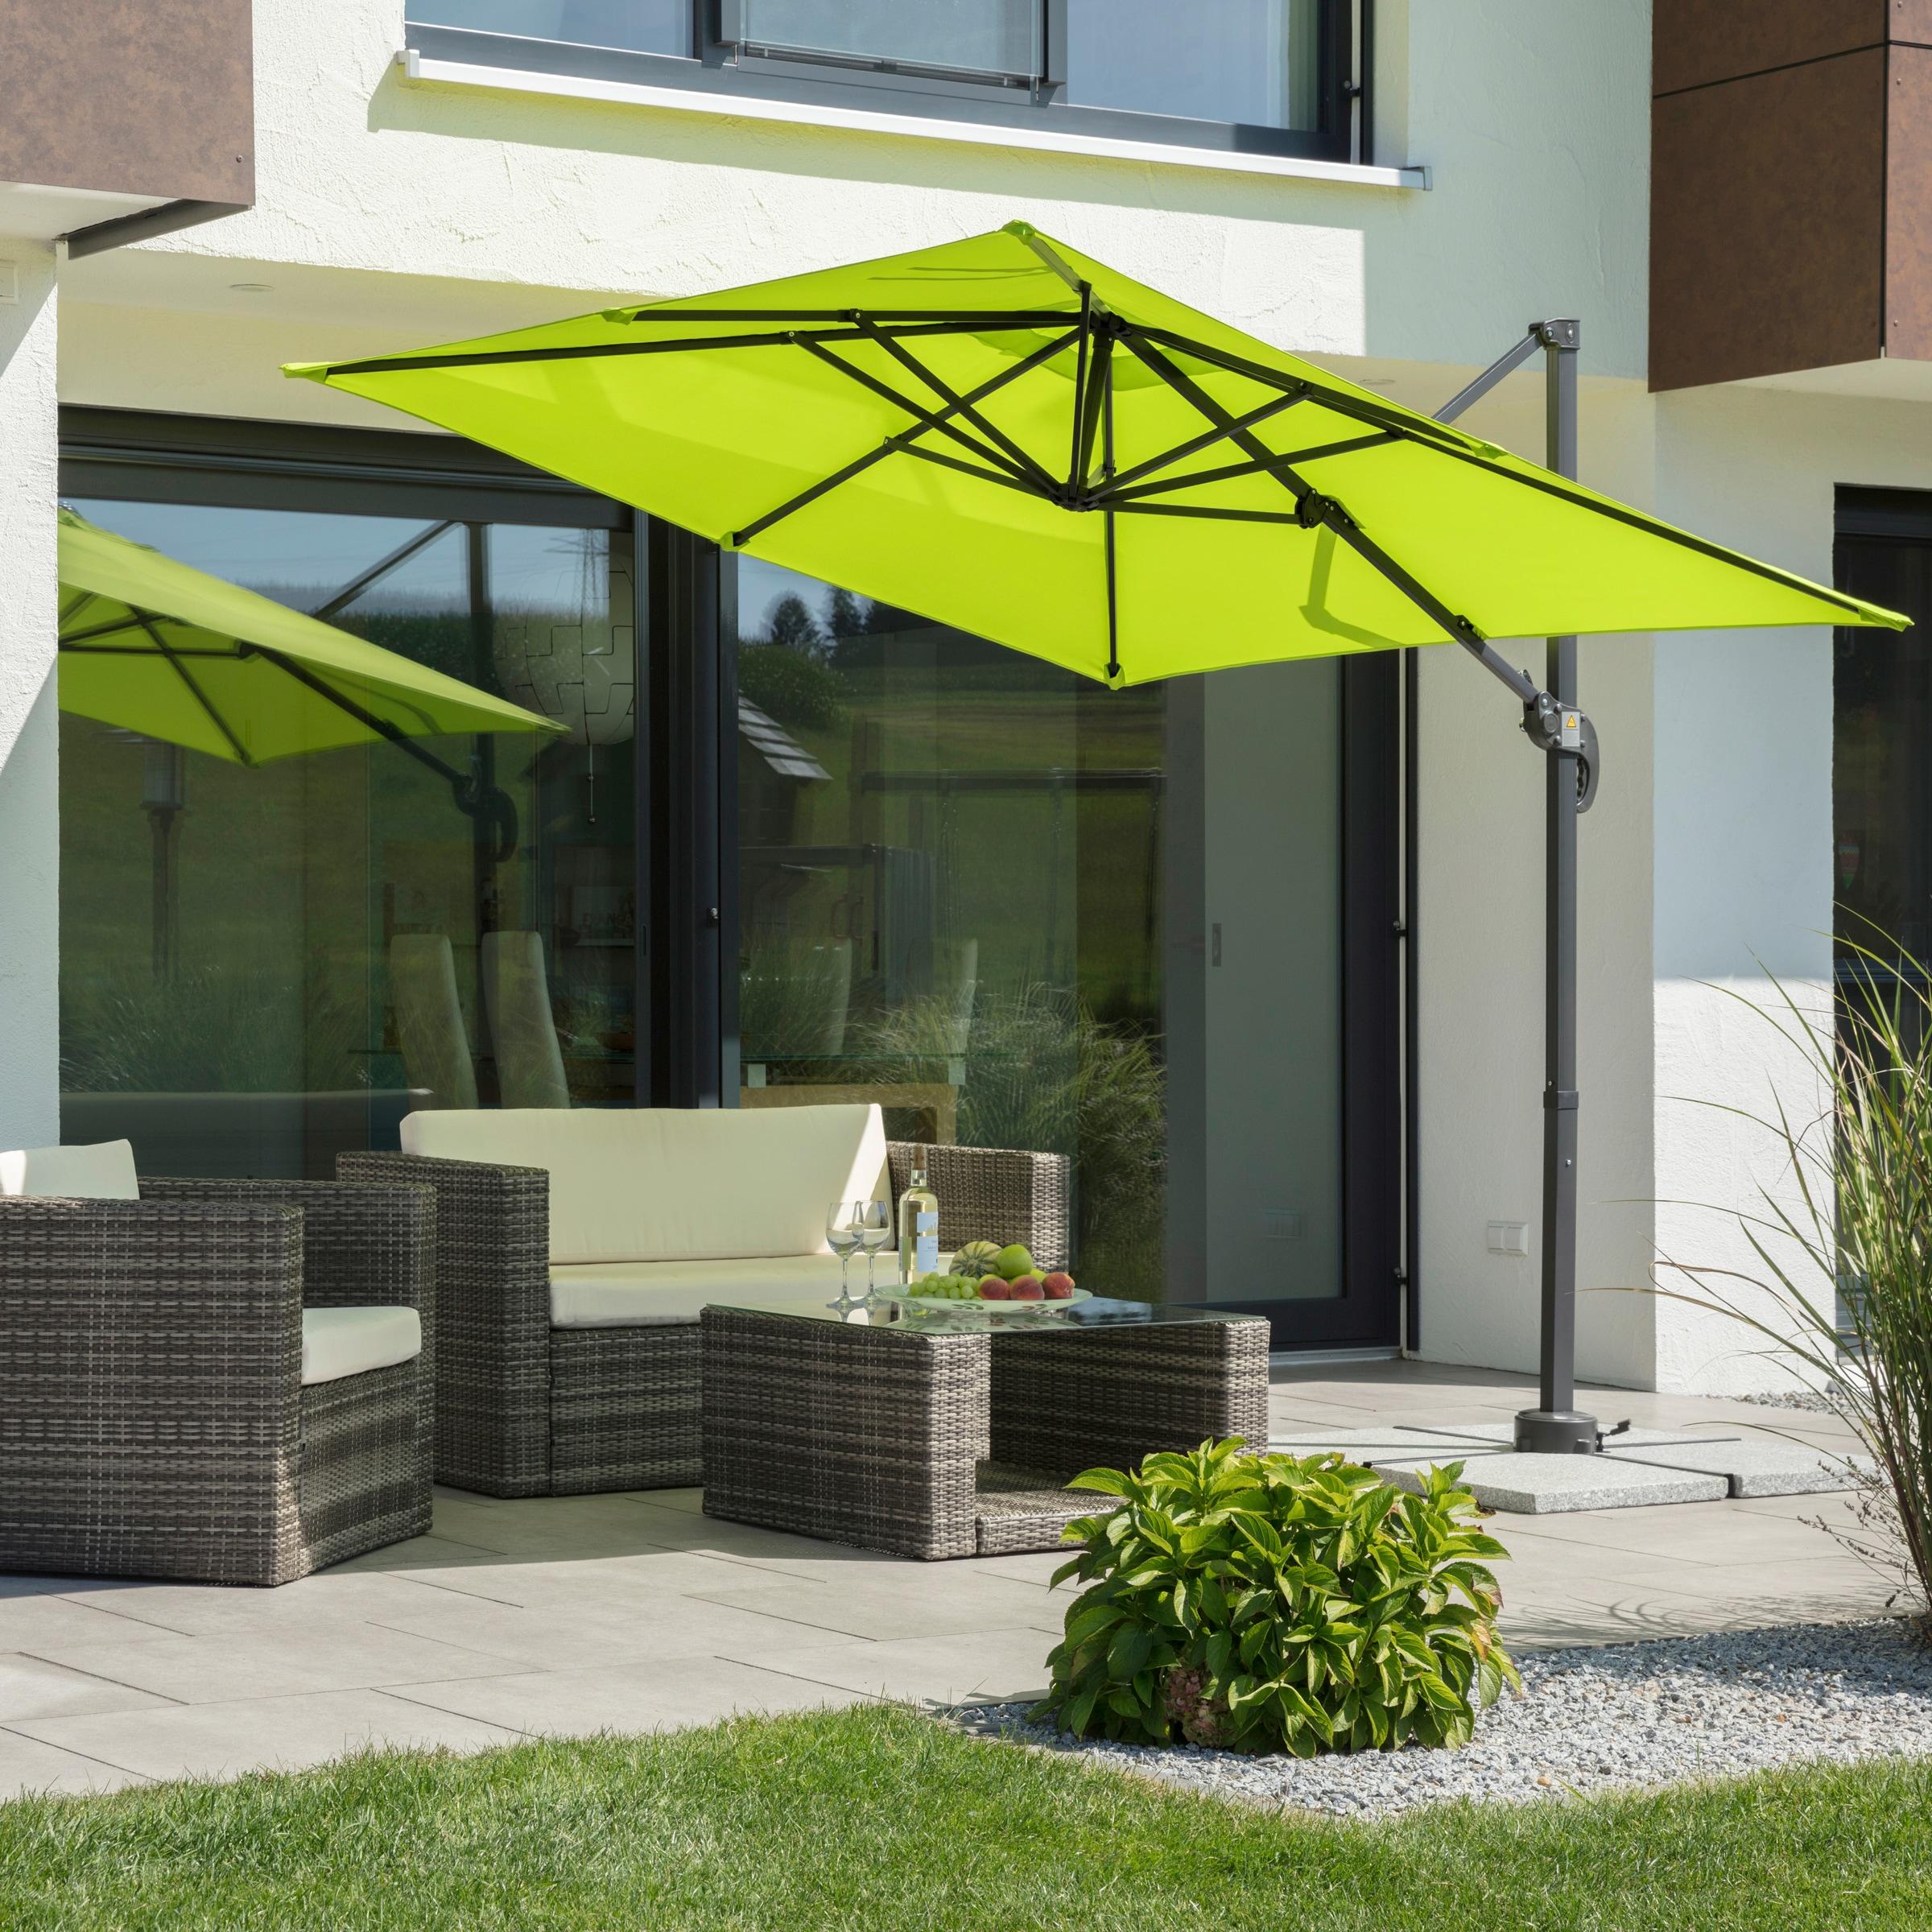 Schneider Schirme Ampelschirm Rhodos Junior, mit Schutzhülle, ohne Wegeplatten grün Sonnenschirme -segel Gartenmöbel Gartendeko